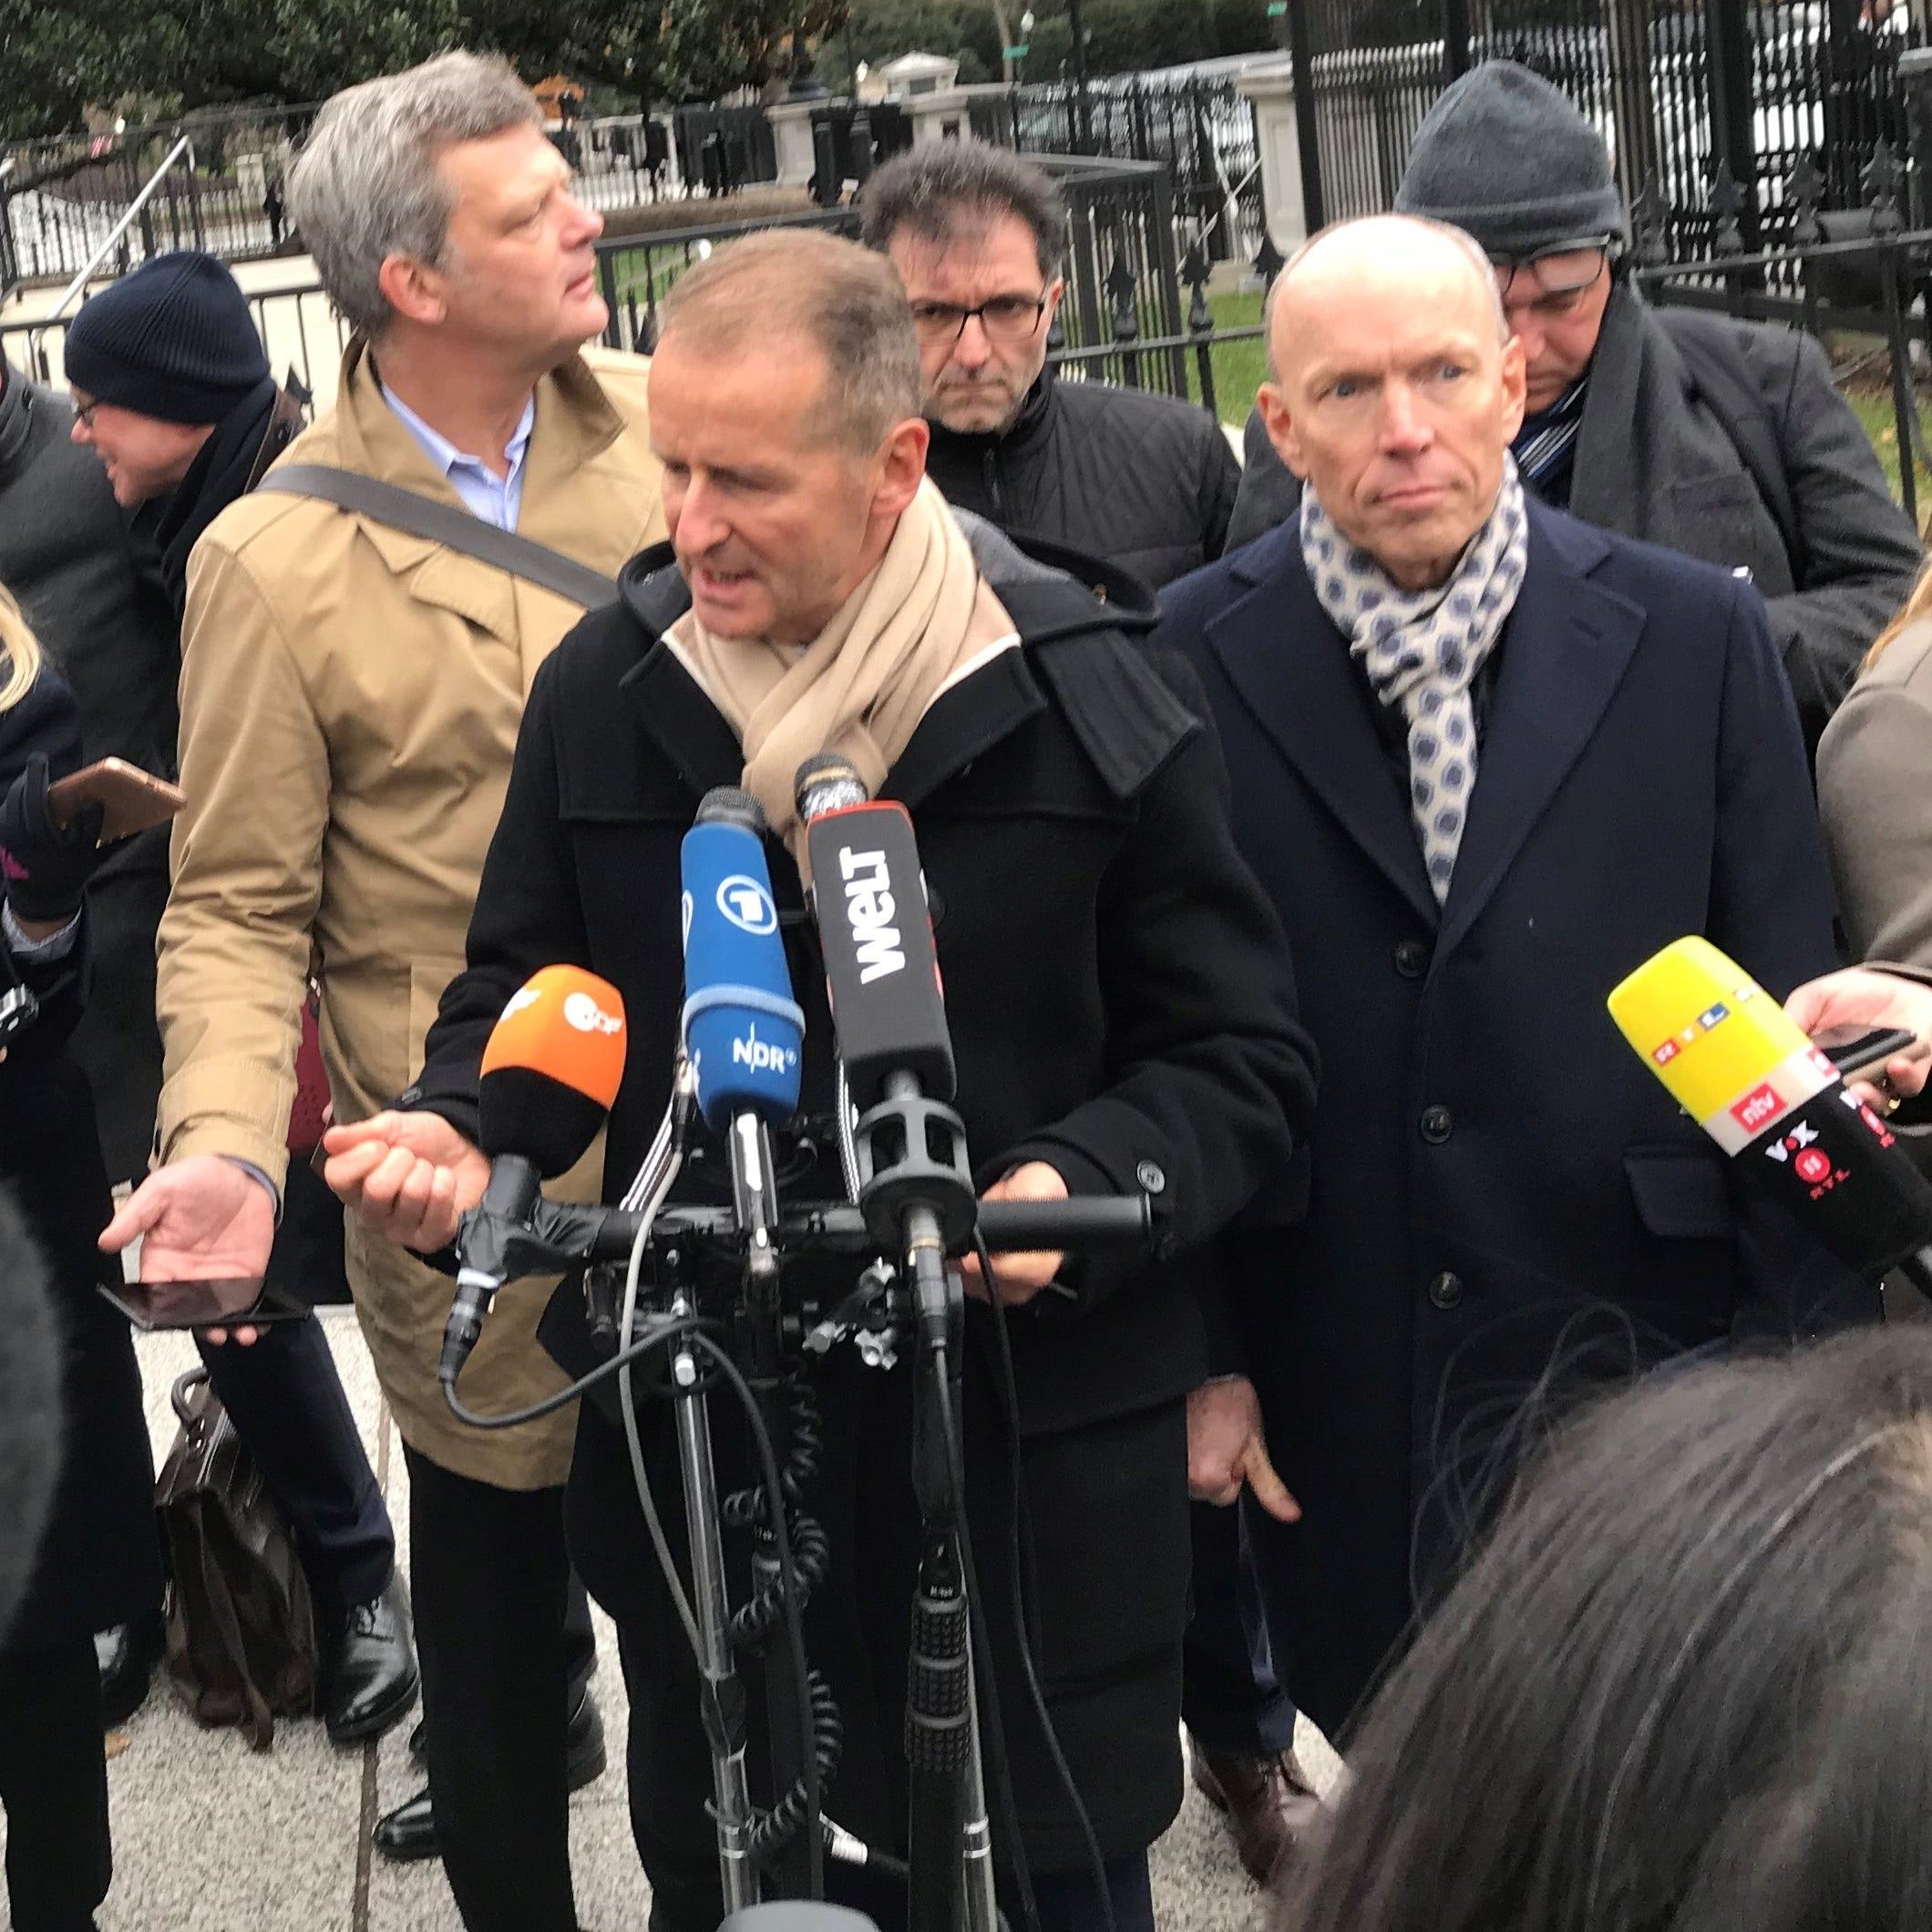 Volkswagen CEO Herbert Diess addresses the media outside the White House.